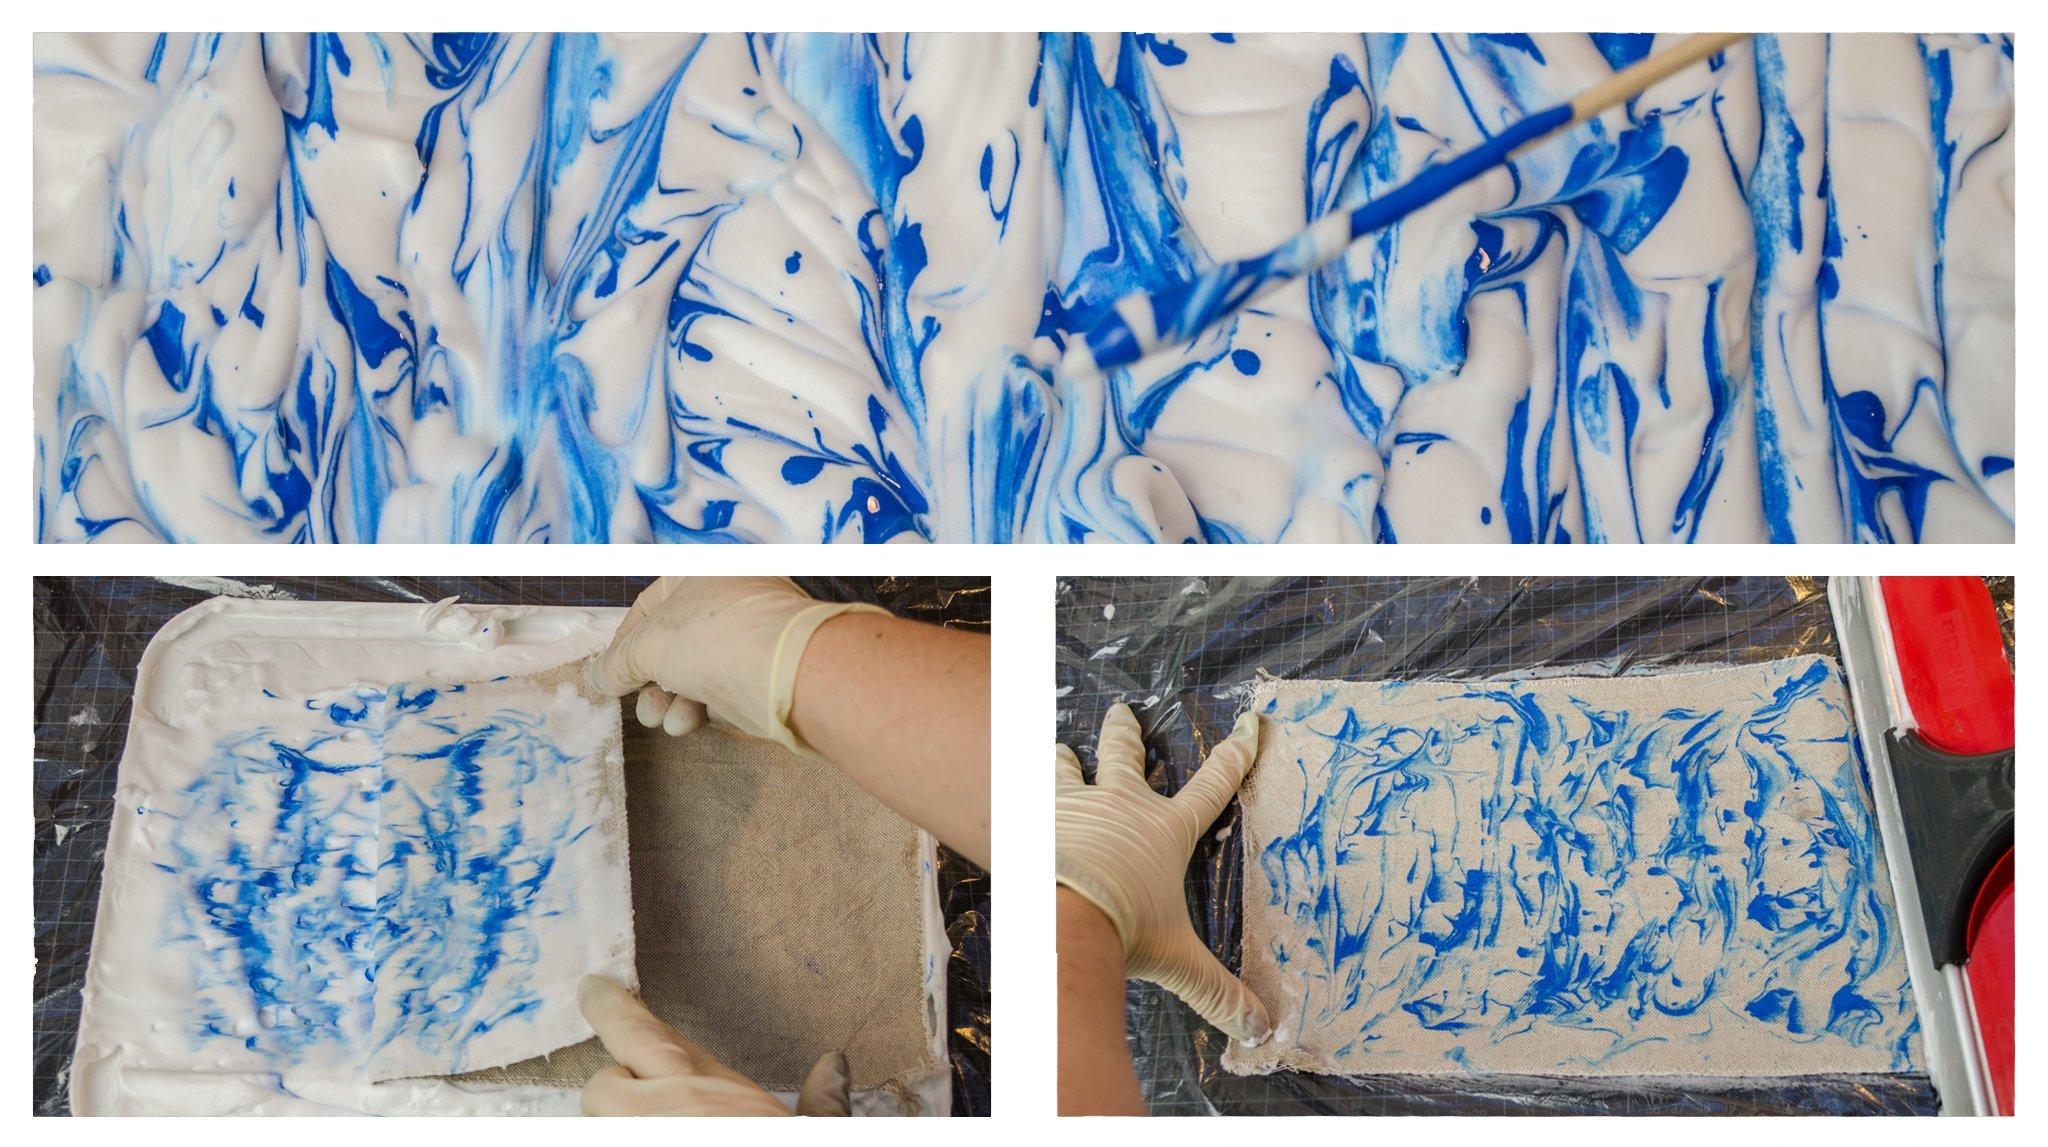 Marmorierter Schaum und Marmorierter Stoff in Blau